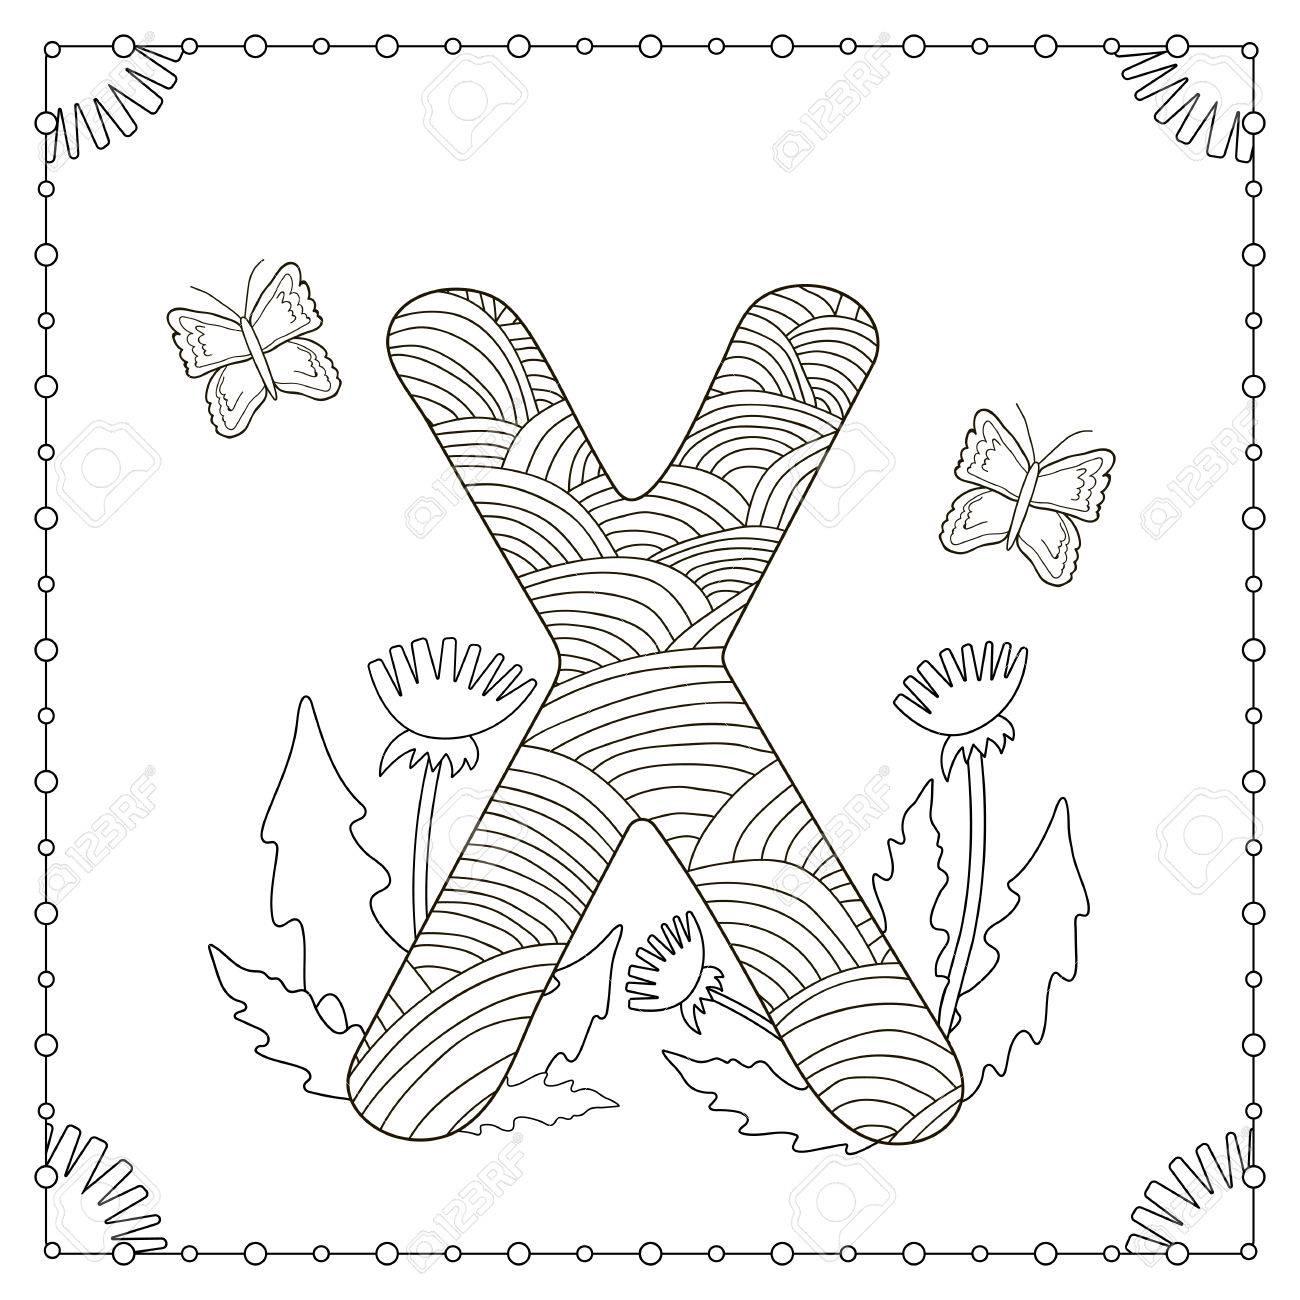 Alphabet Malseite Grossbuchstabe X Mit Blumen Blattern Und Schmetterling Vektor Illustration Lizenzfrei Nutzbare Vektorgrafiken Clip Arts Illustrationen Image 79146809